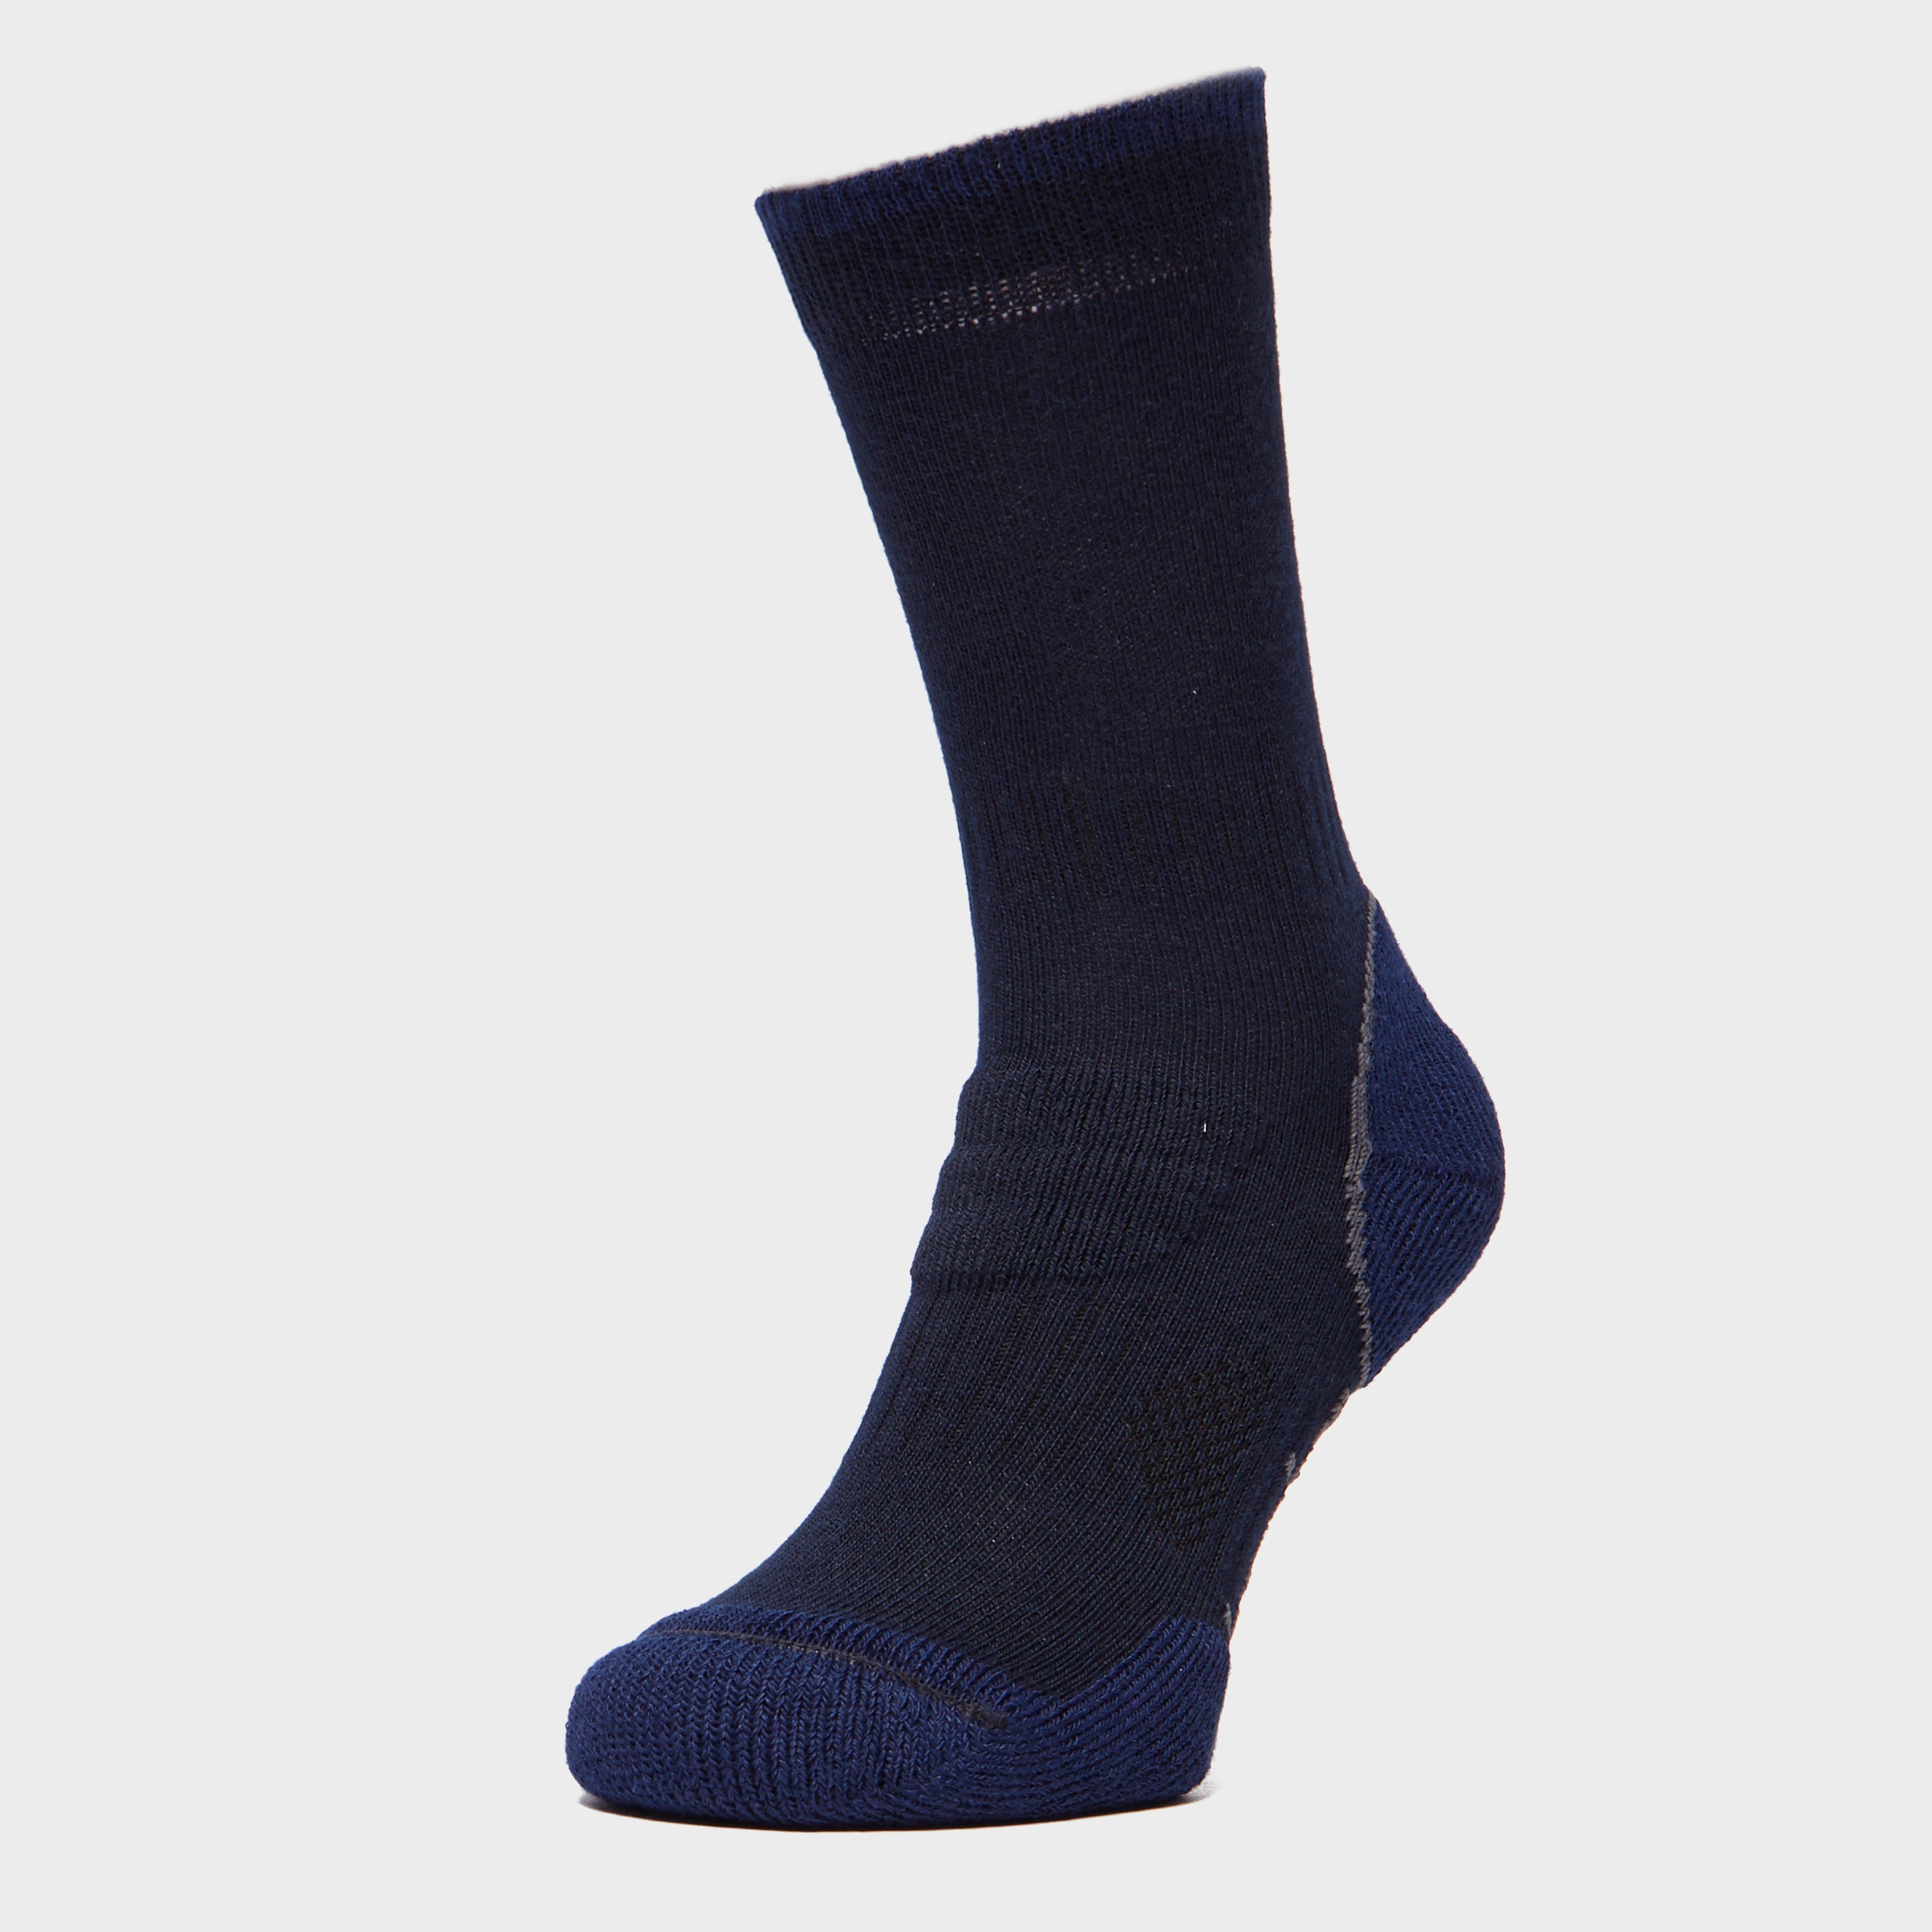 Brasher Brasher Mens Light Hiker Socks - Blue, Blue